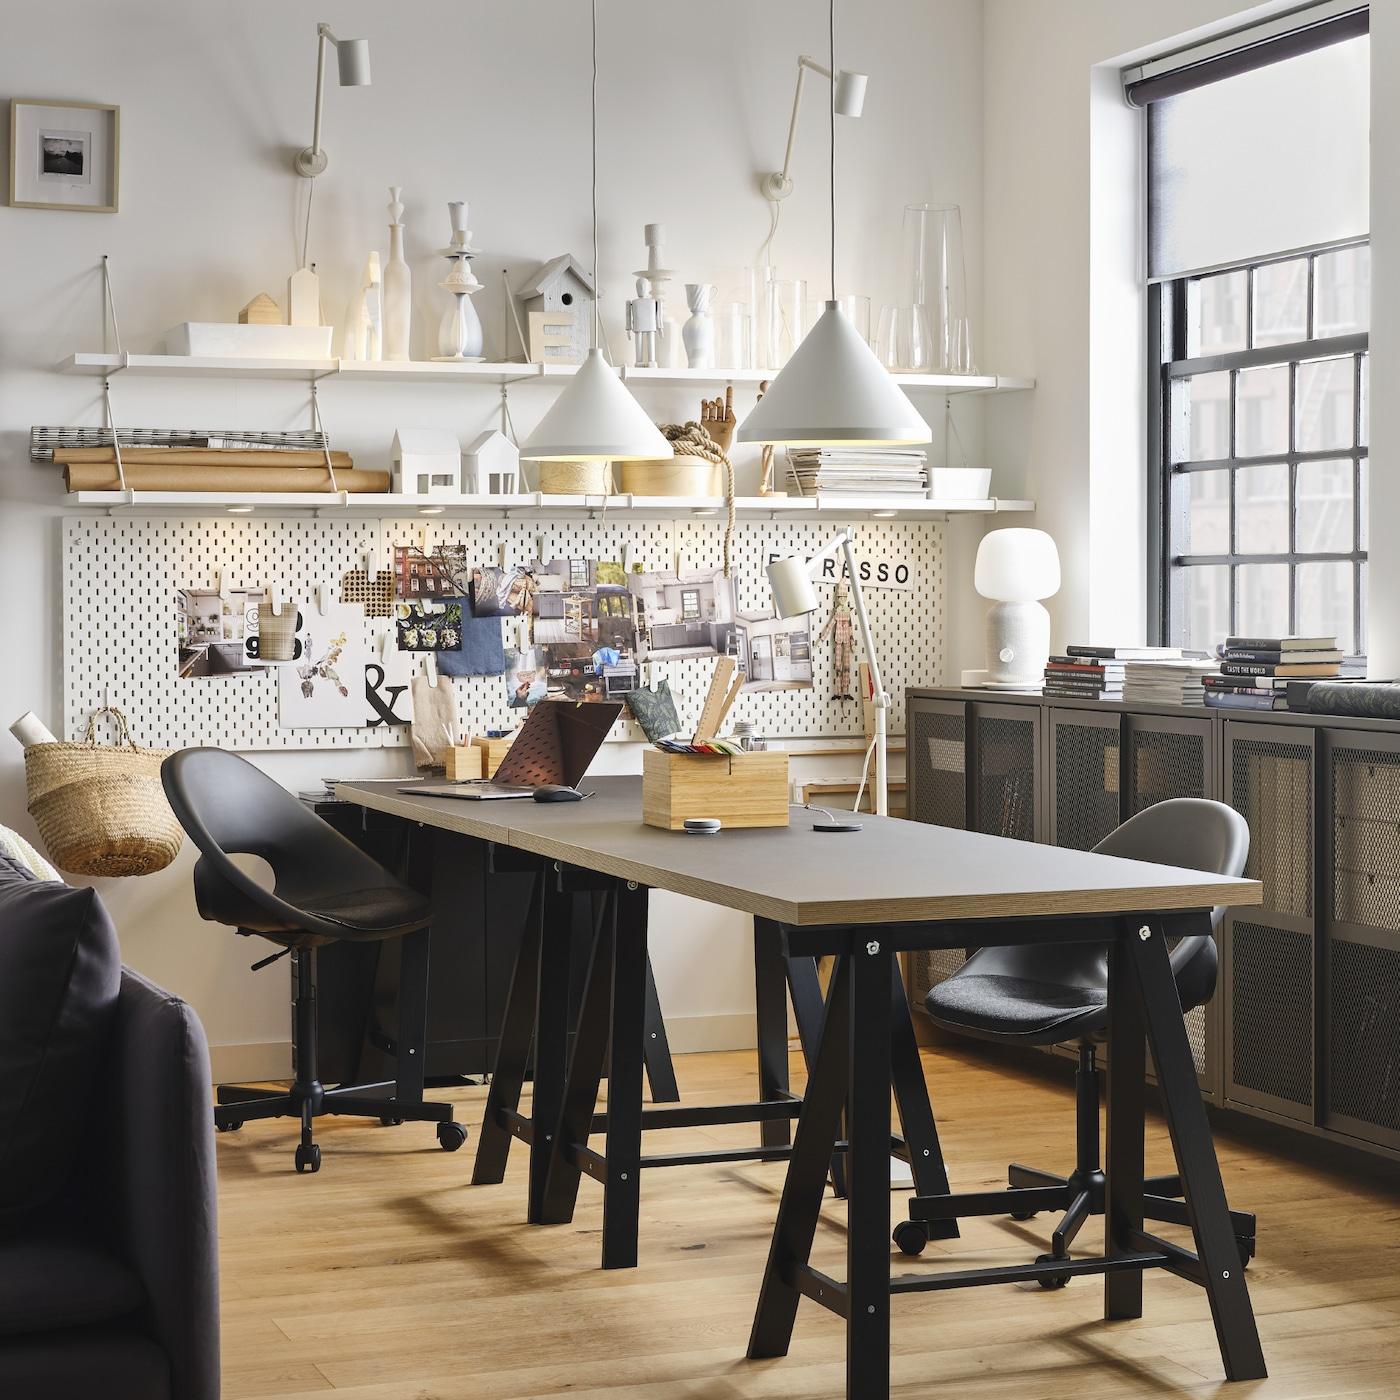 Рабочее место с двумя черными письменными столами и двумя рабочими стульями, два белых подвесных светильника и белые настенные полки.